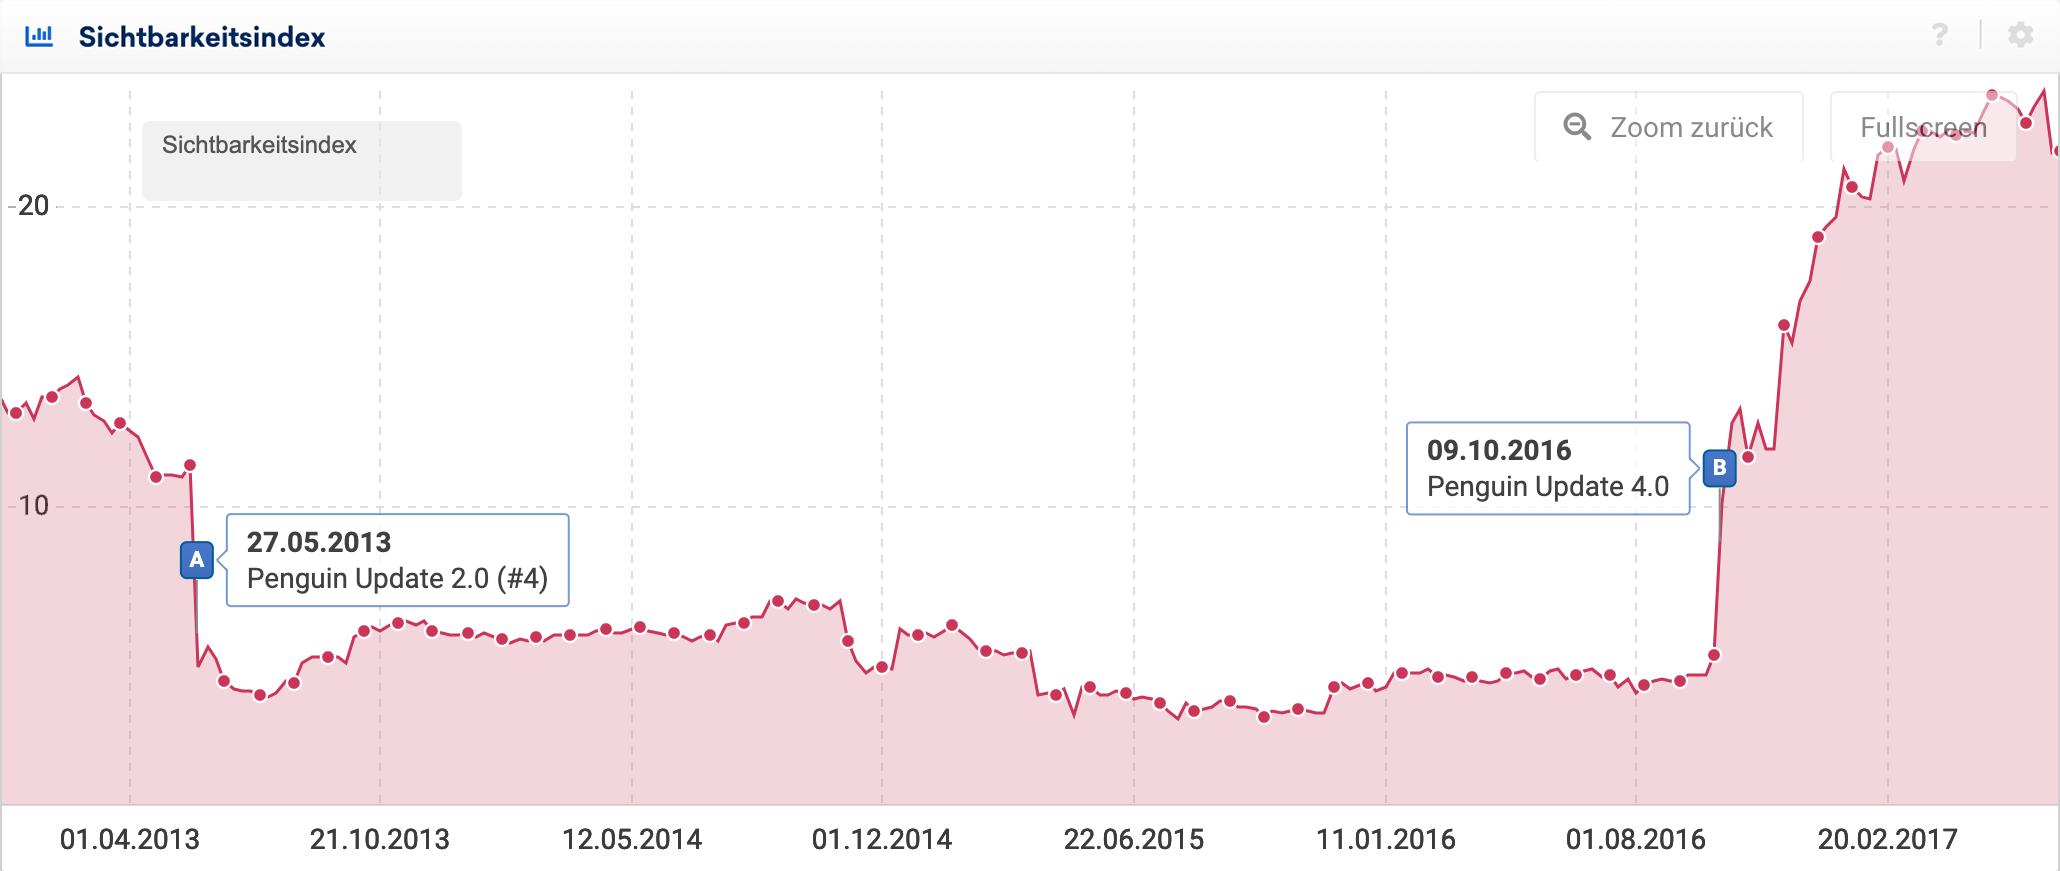 Sichtbarkeitsverlauf einer Domain, die vom Penguin Update betroffen war.